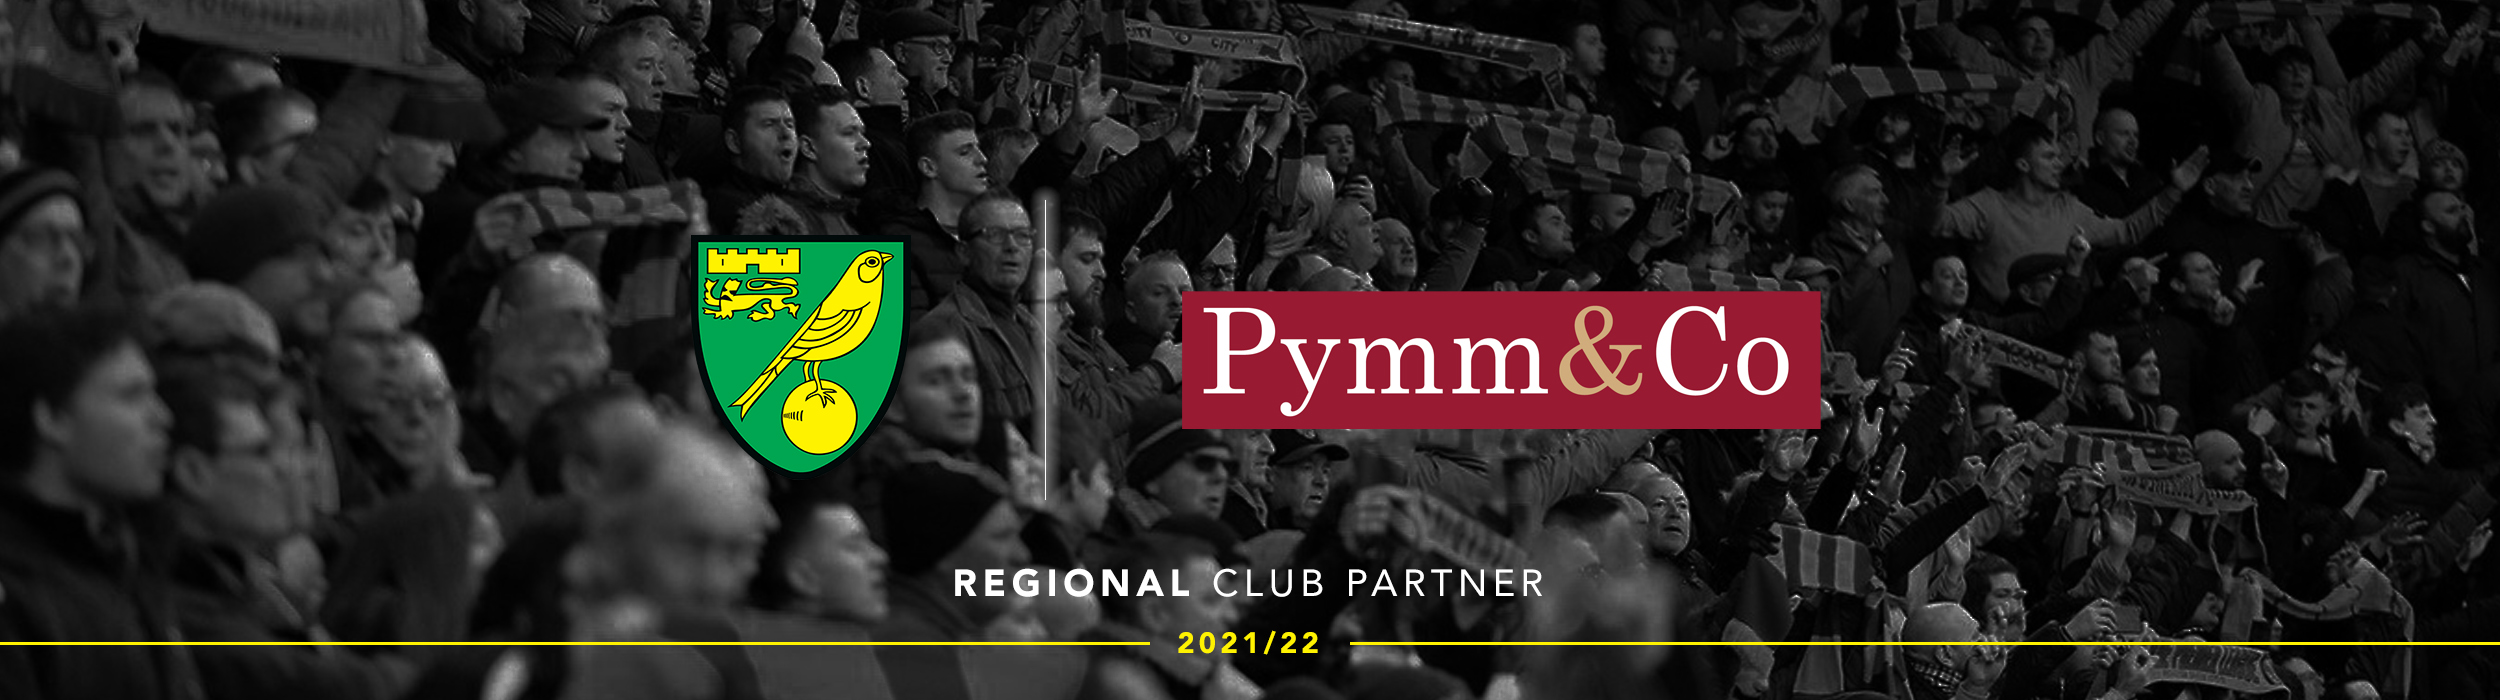 Regional Club Partners of Norwich City Football Club